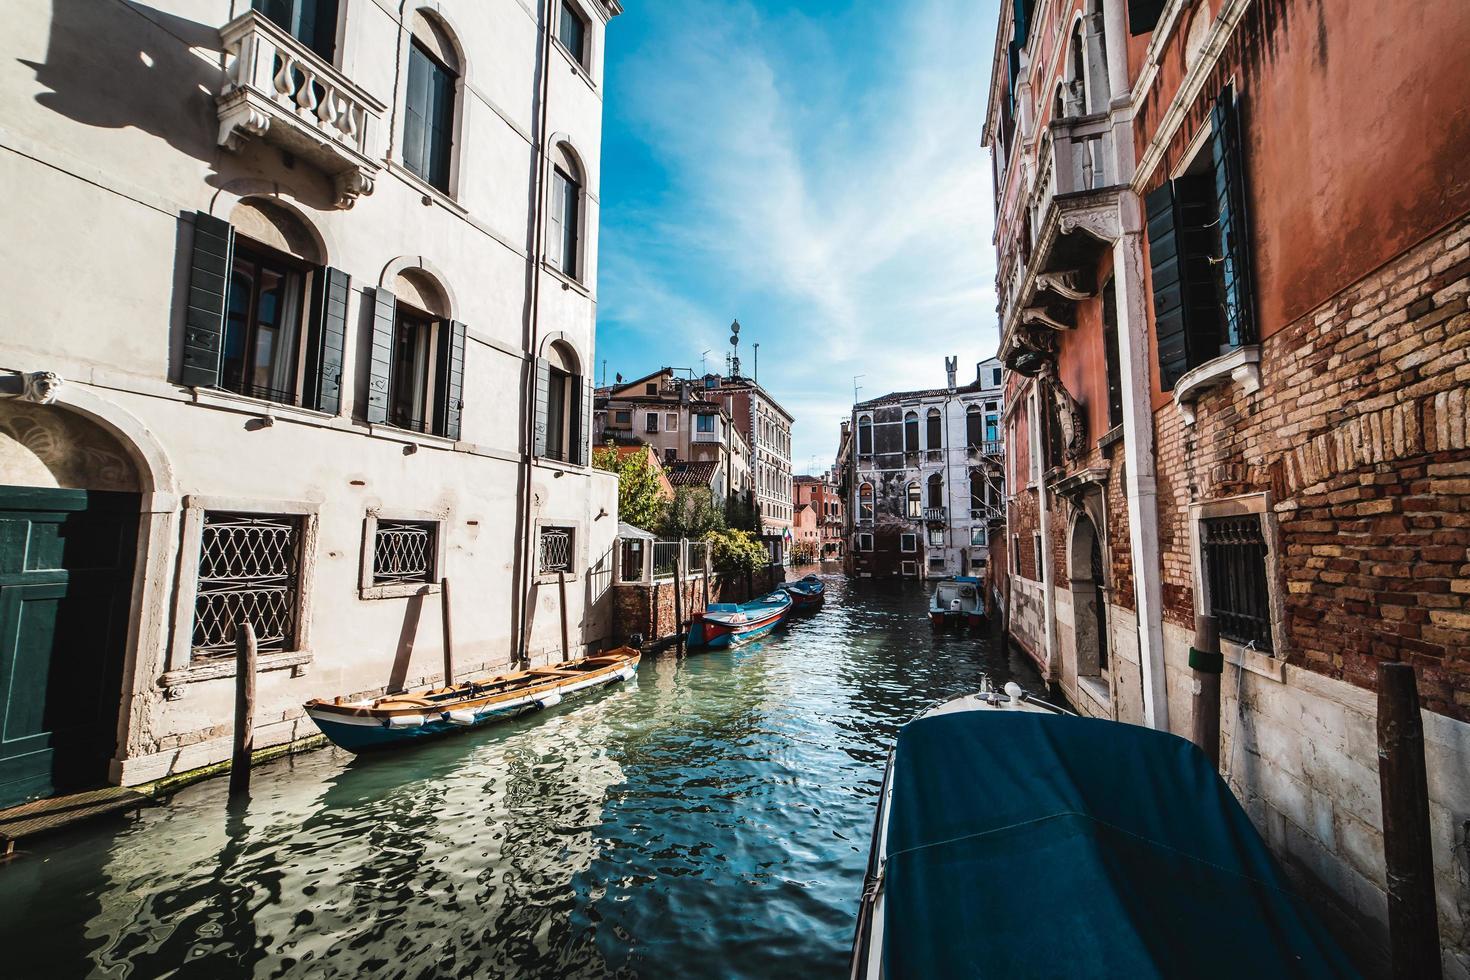 uitzicht op een kanaal in Venetië foto